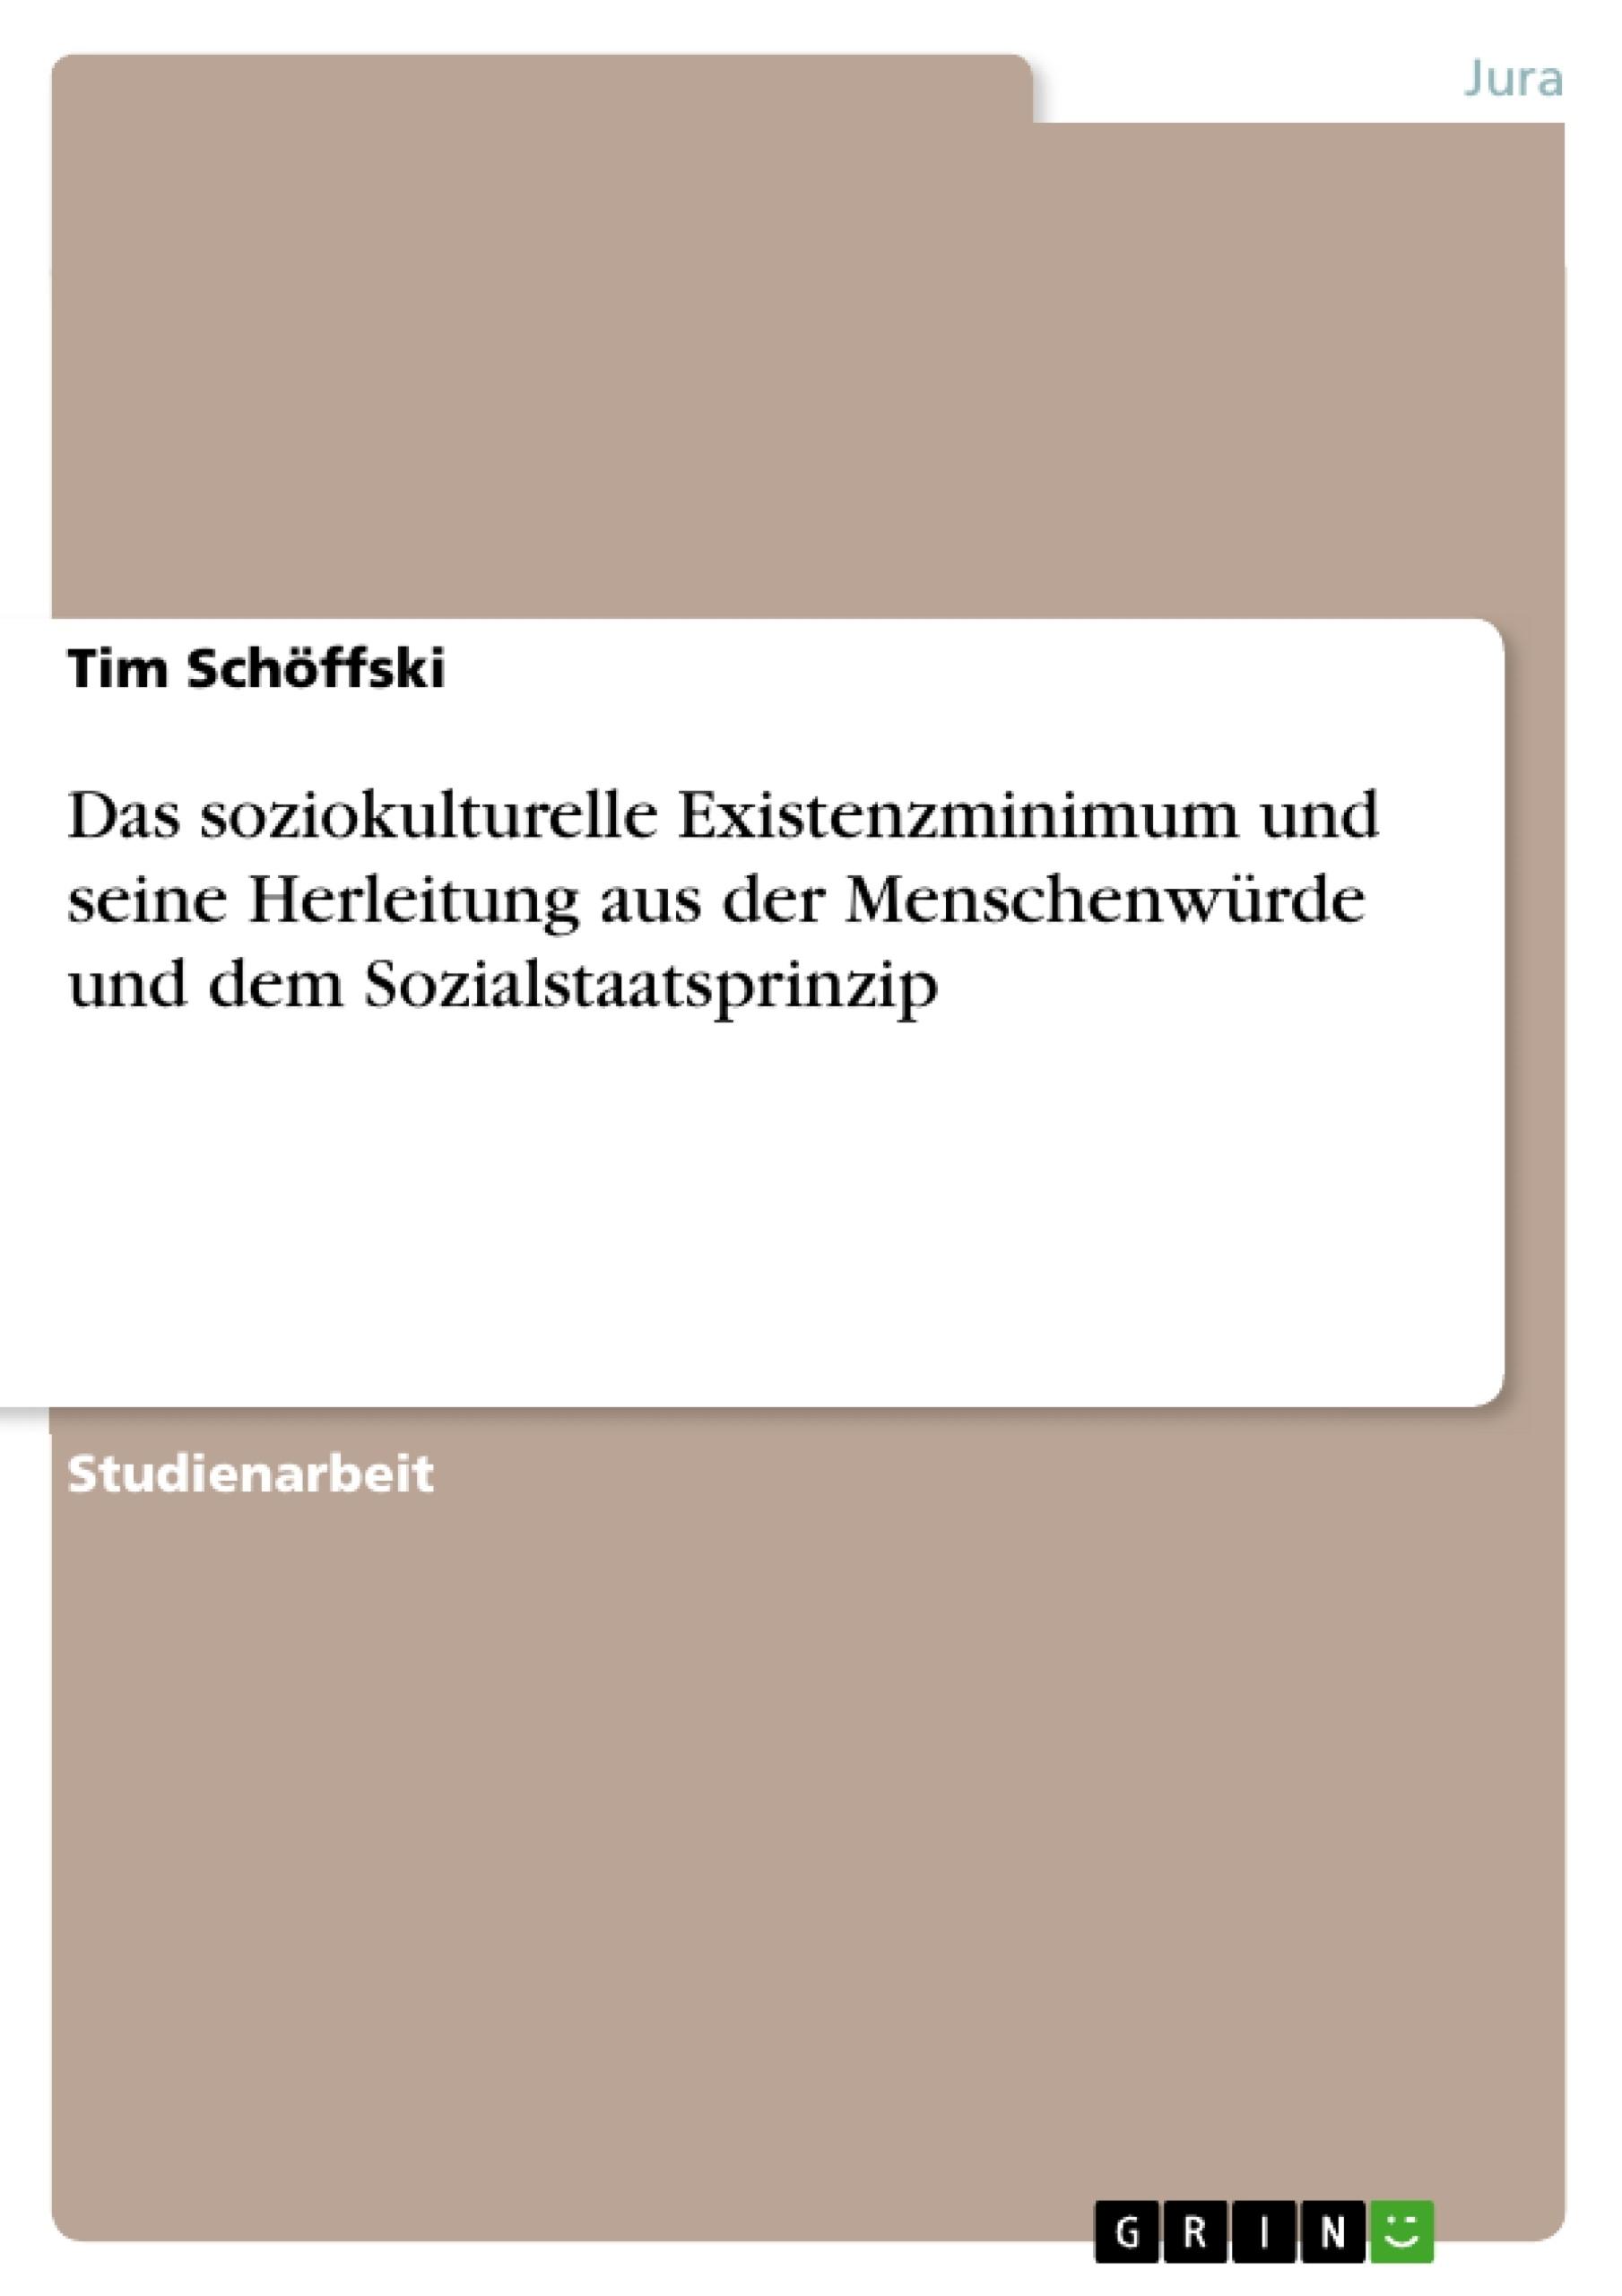 Titel: Das soziokulturelle Existenzminimum und seine Herleitung aus der Menschenwürde und dem Sozialstaatsprinzip